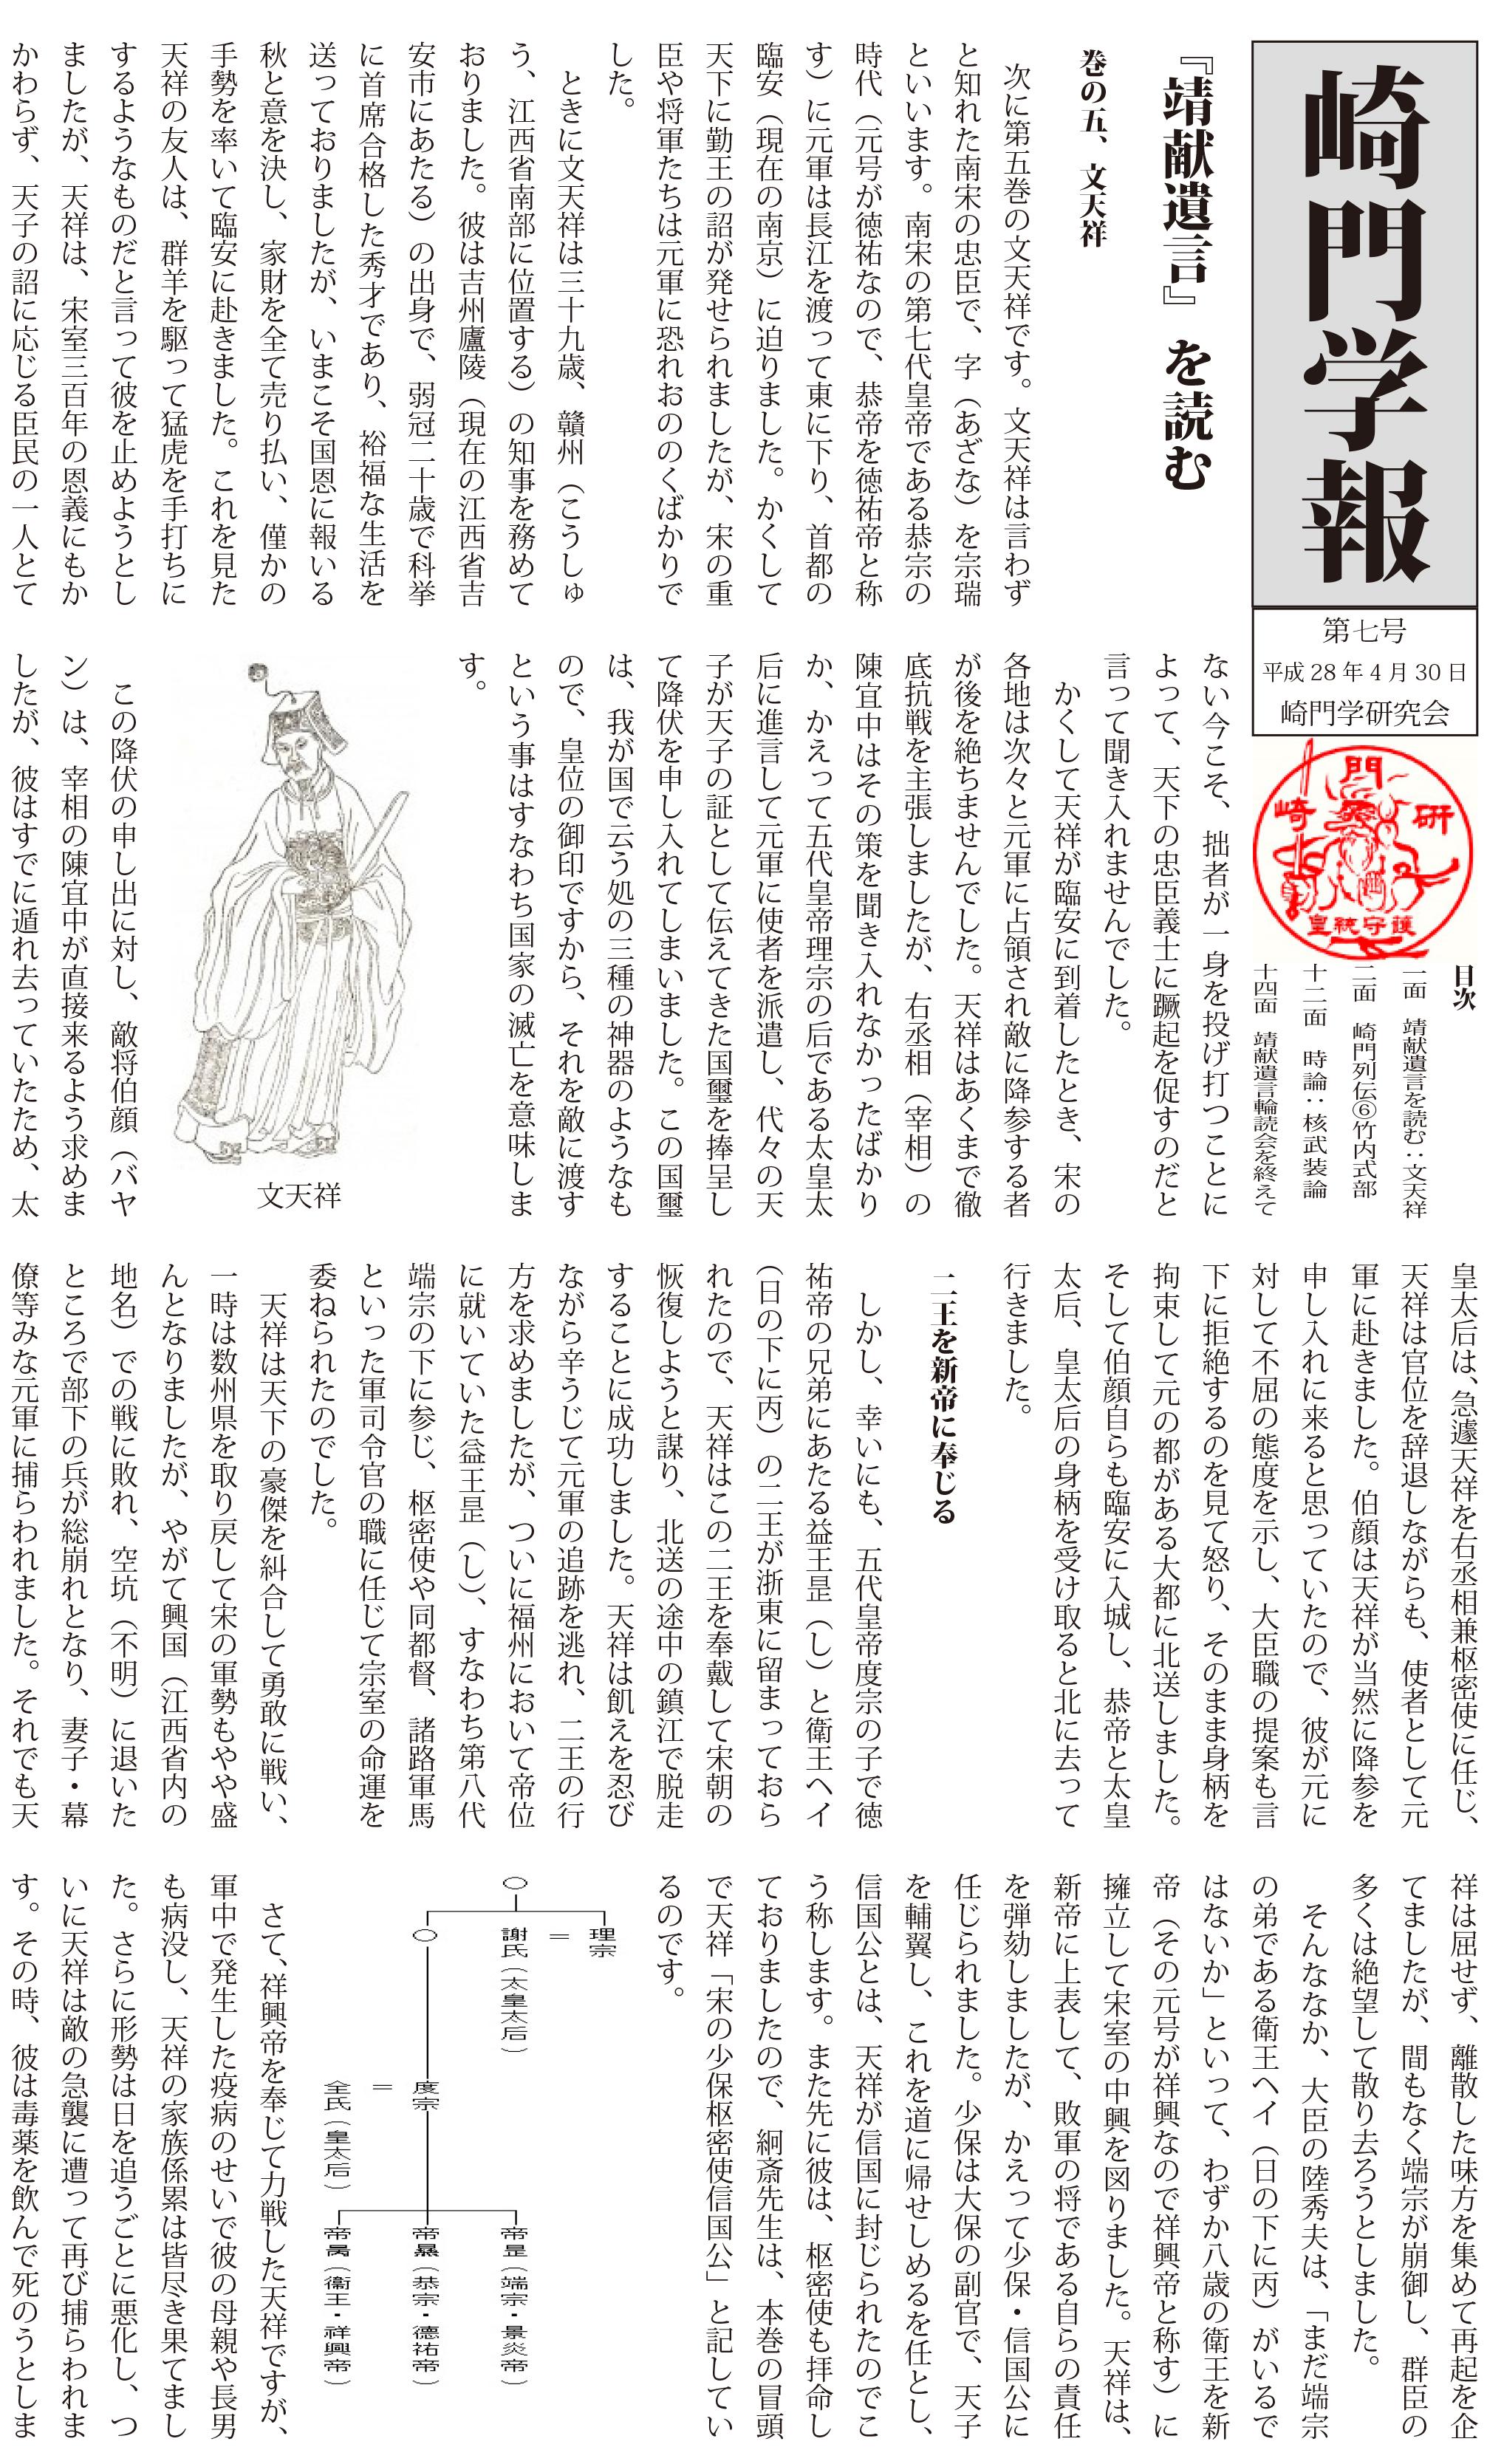 『崎門学報』第7号・ダウンロード販売